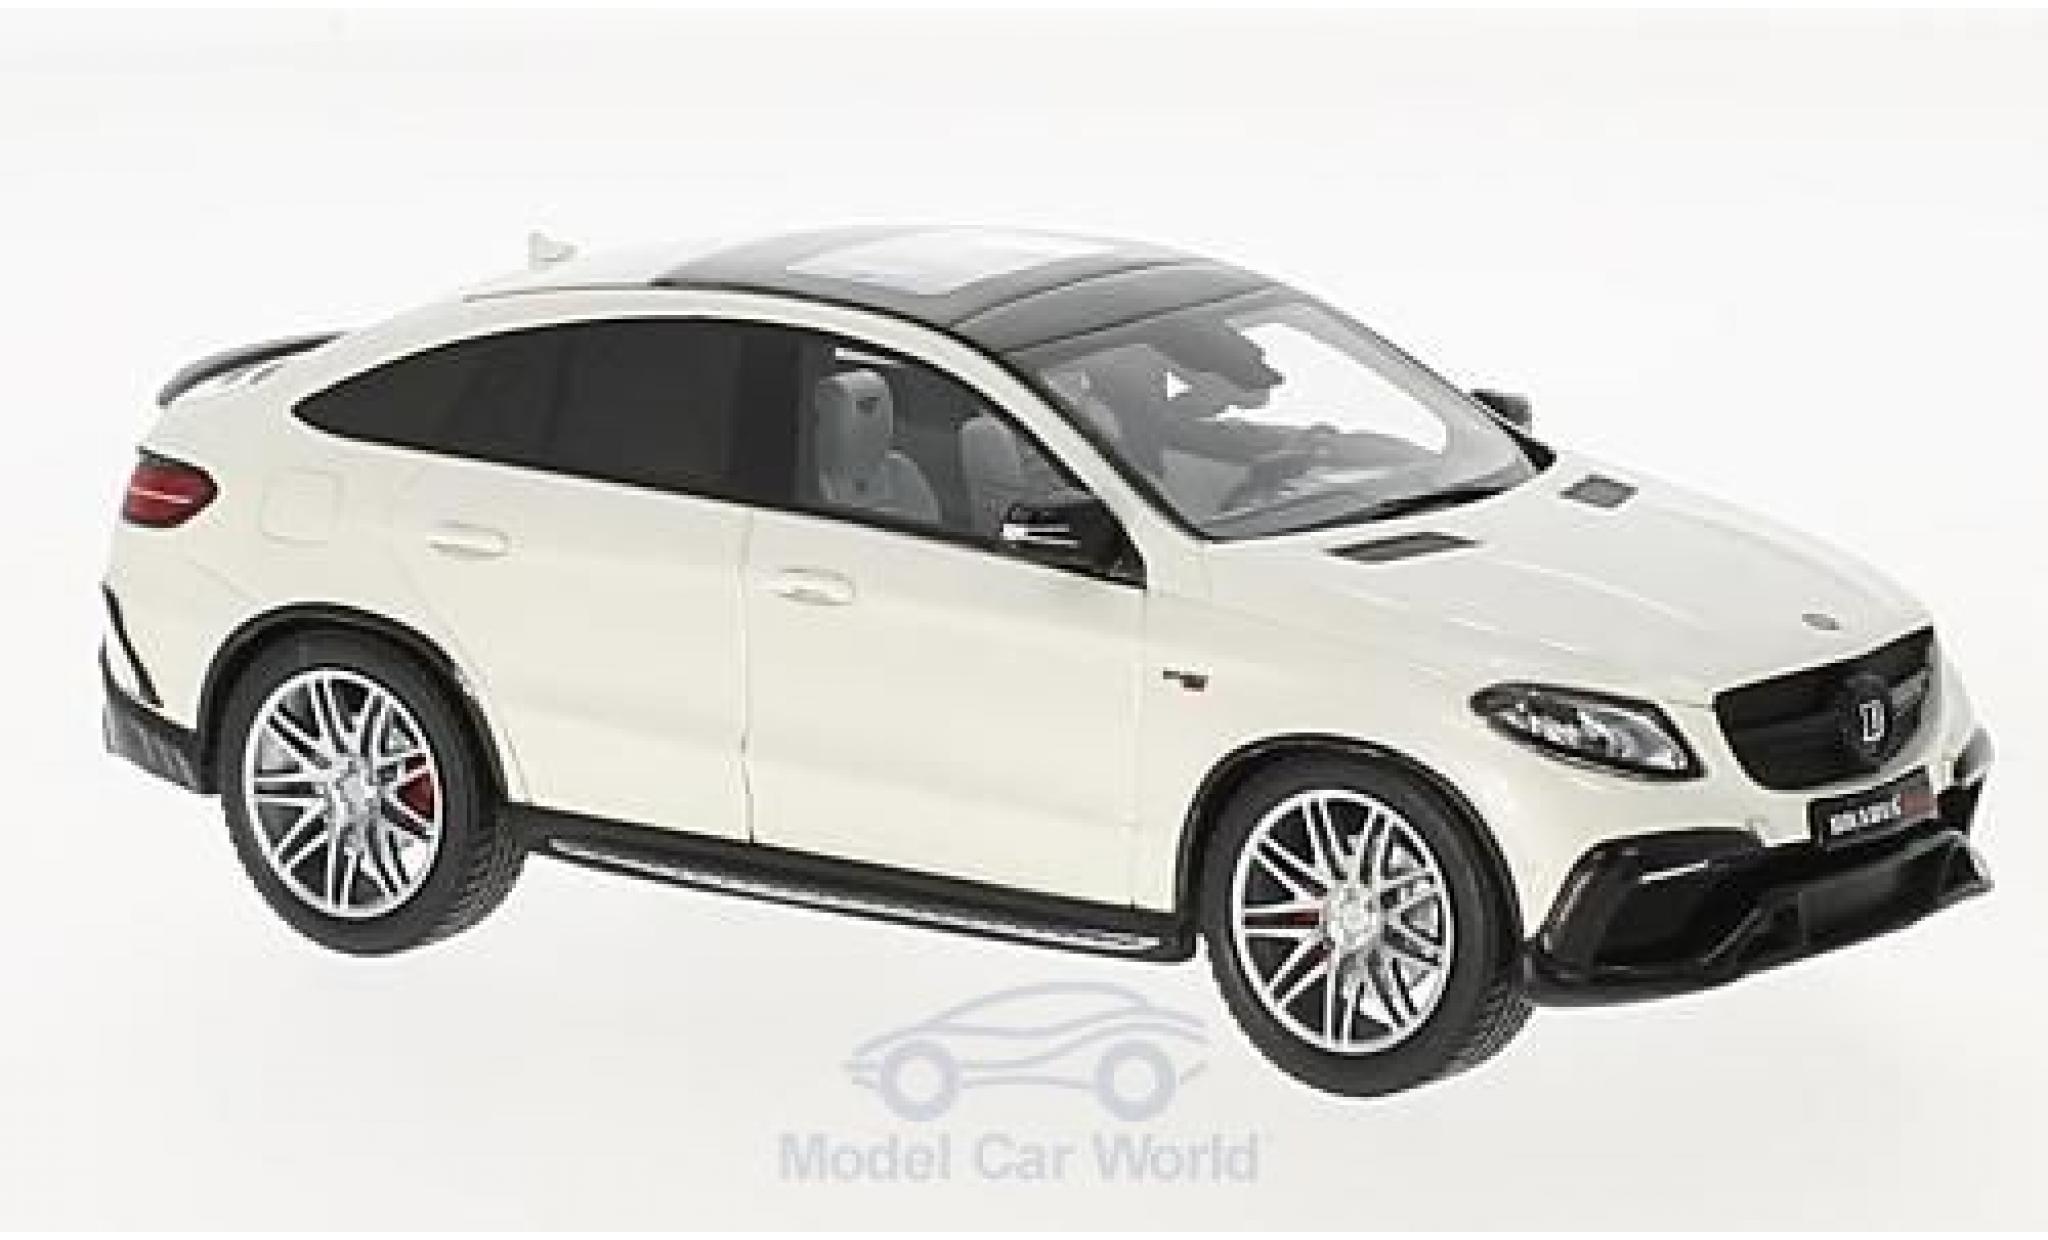 Mercedes Classe E 1/43 Minichamps Brabus 850 4x4 Coupe blanche 2016 Basis GLE 63 S